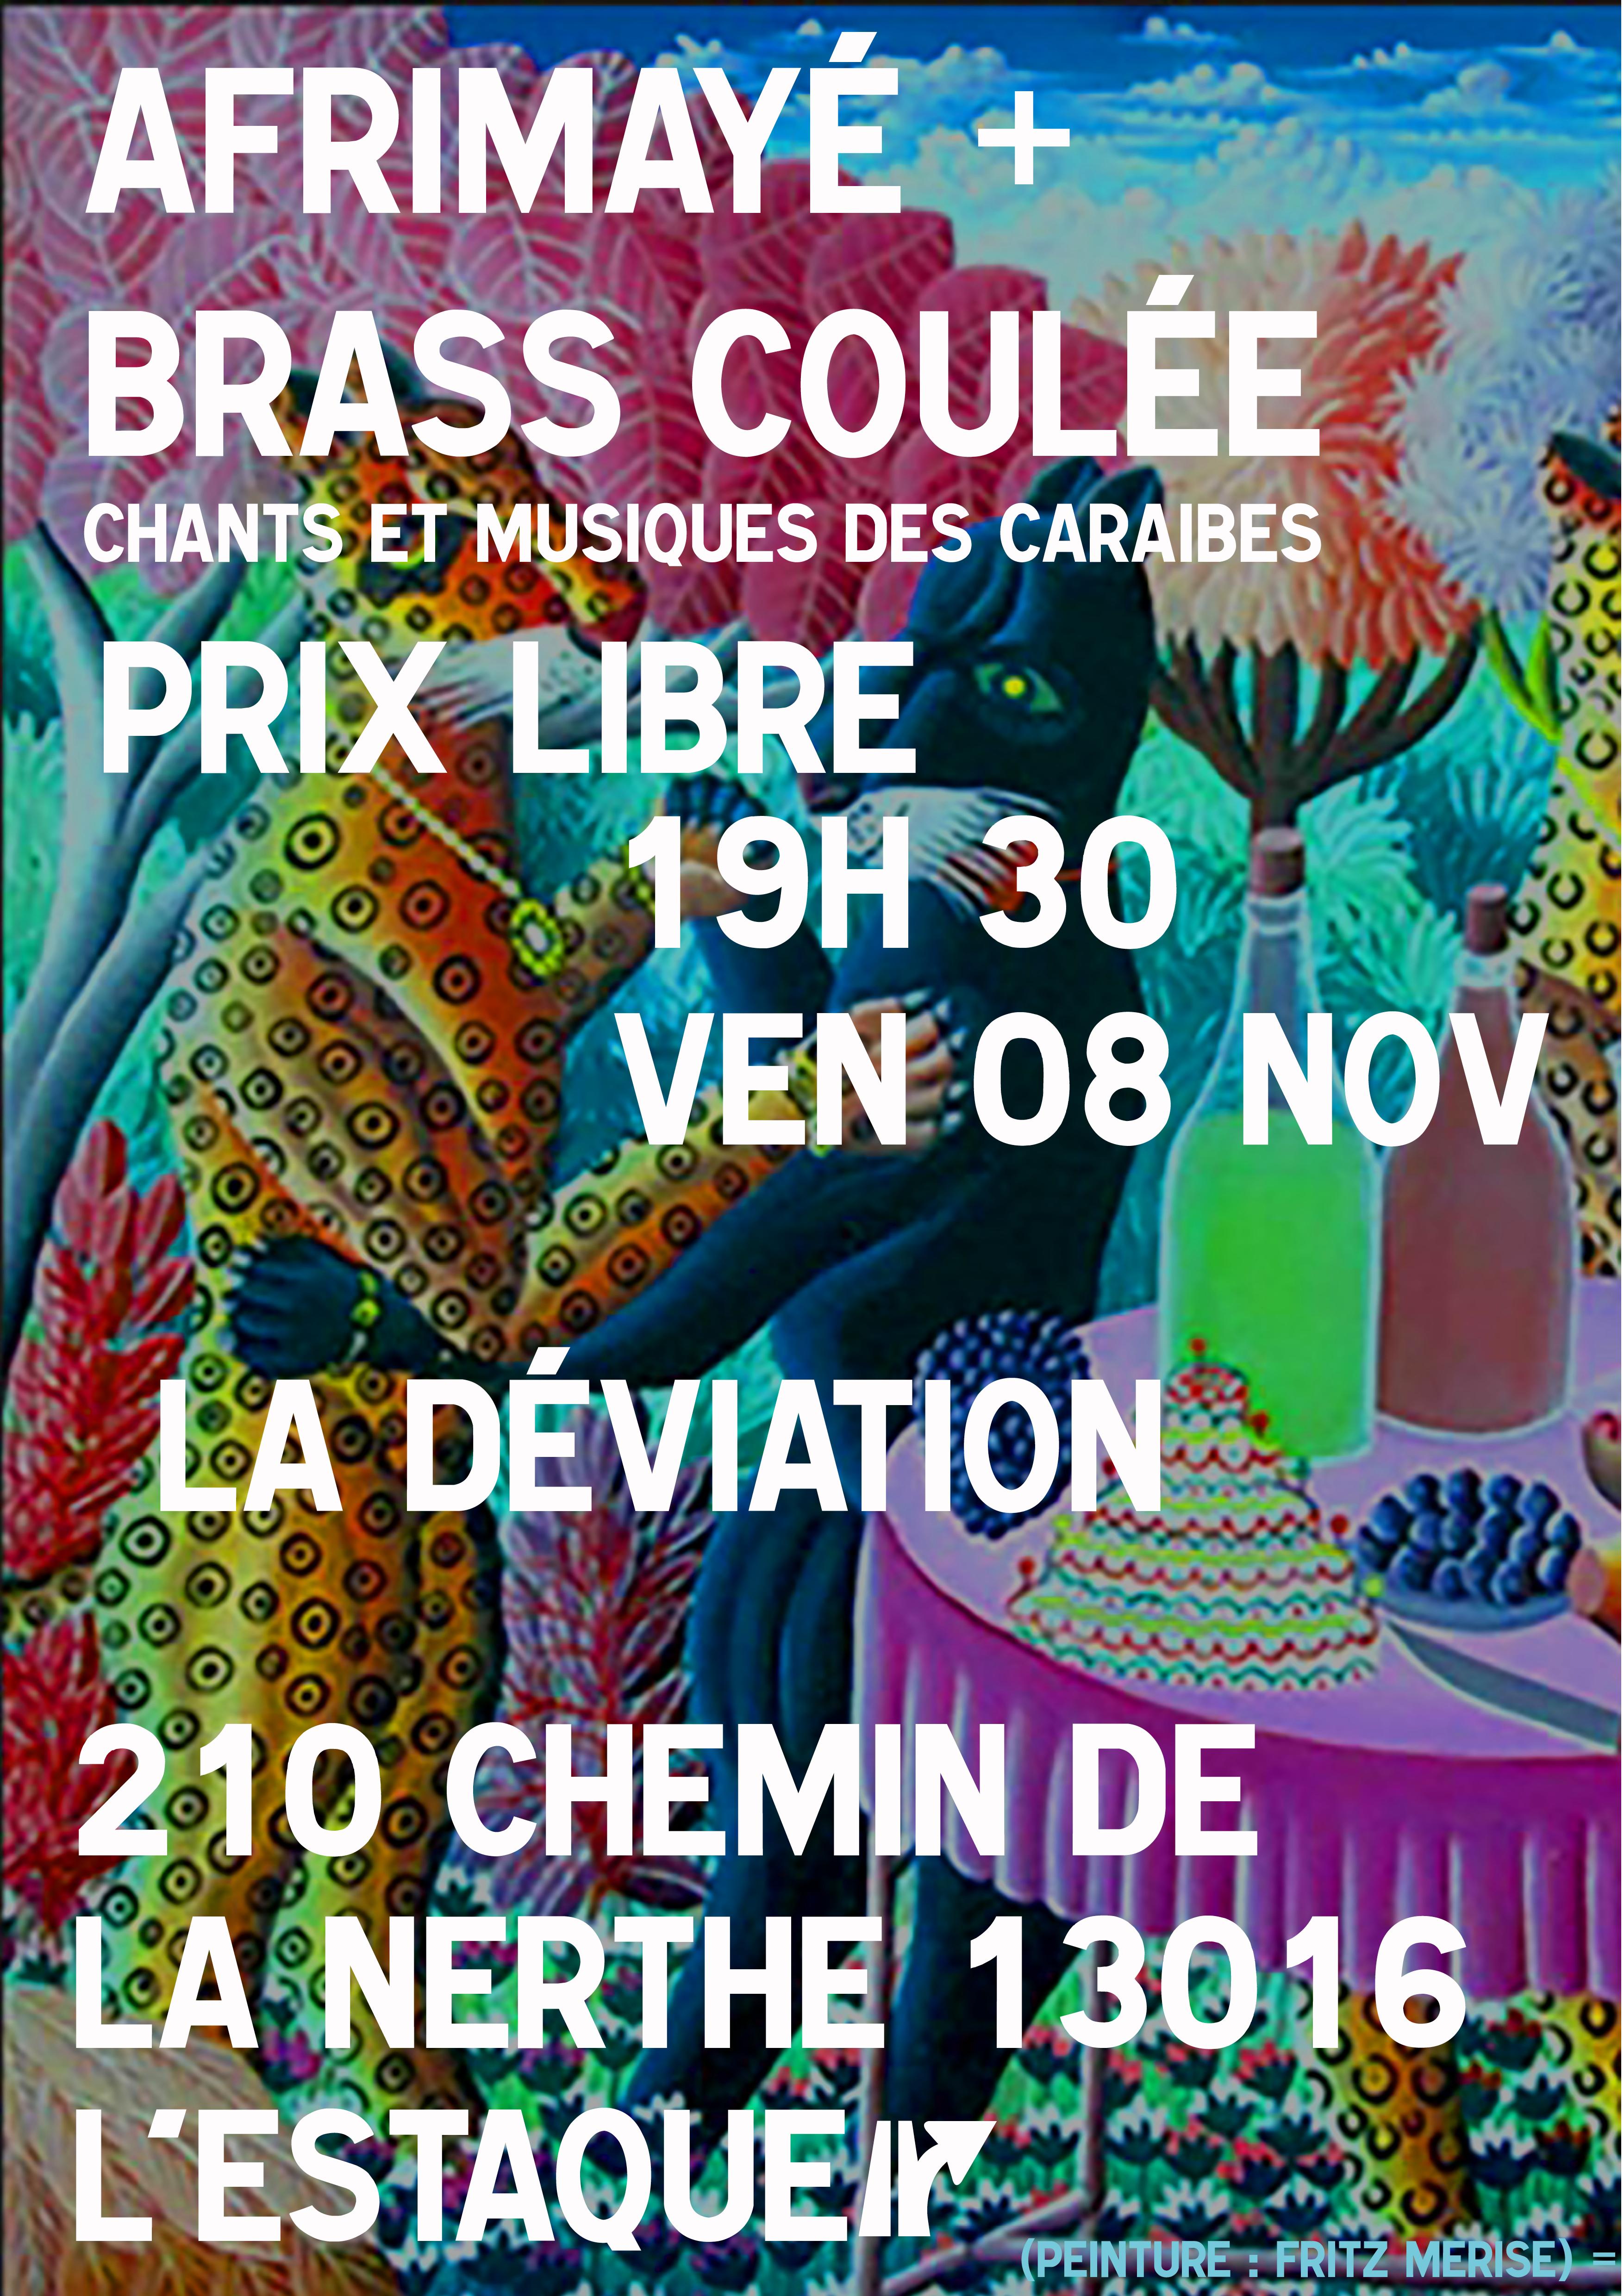 Afrimayé & le Brass Koulé – Chants et musiques des caraïbes